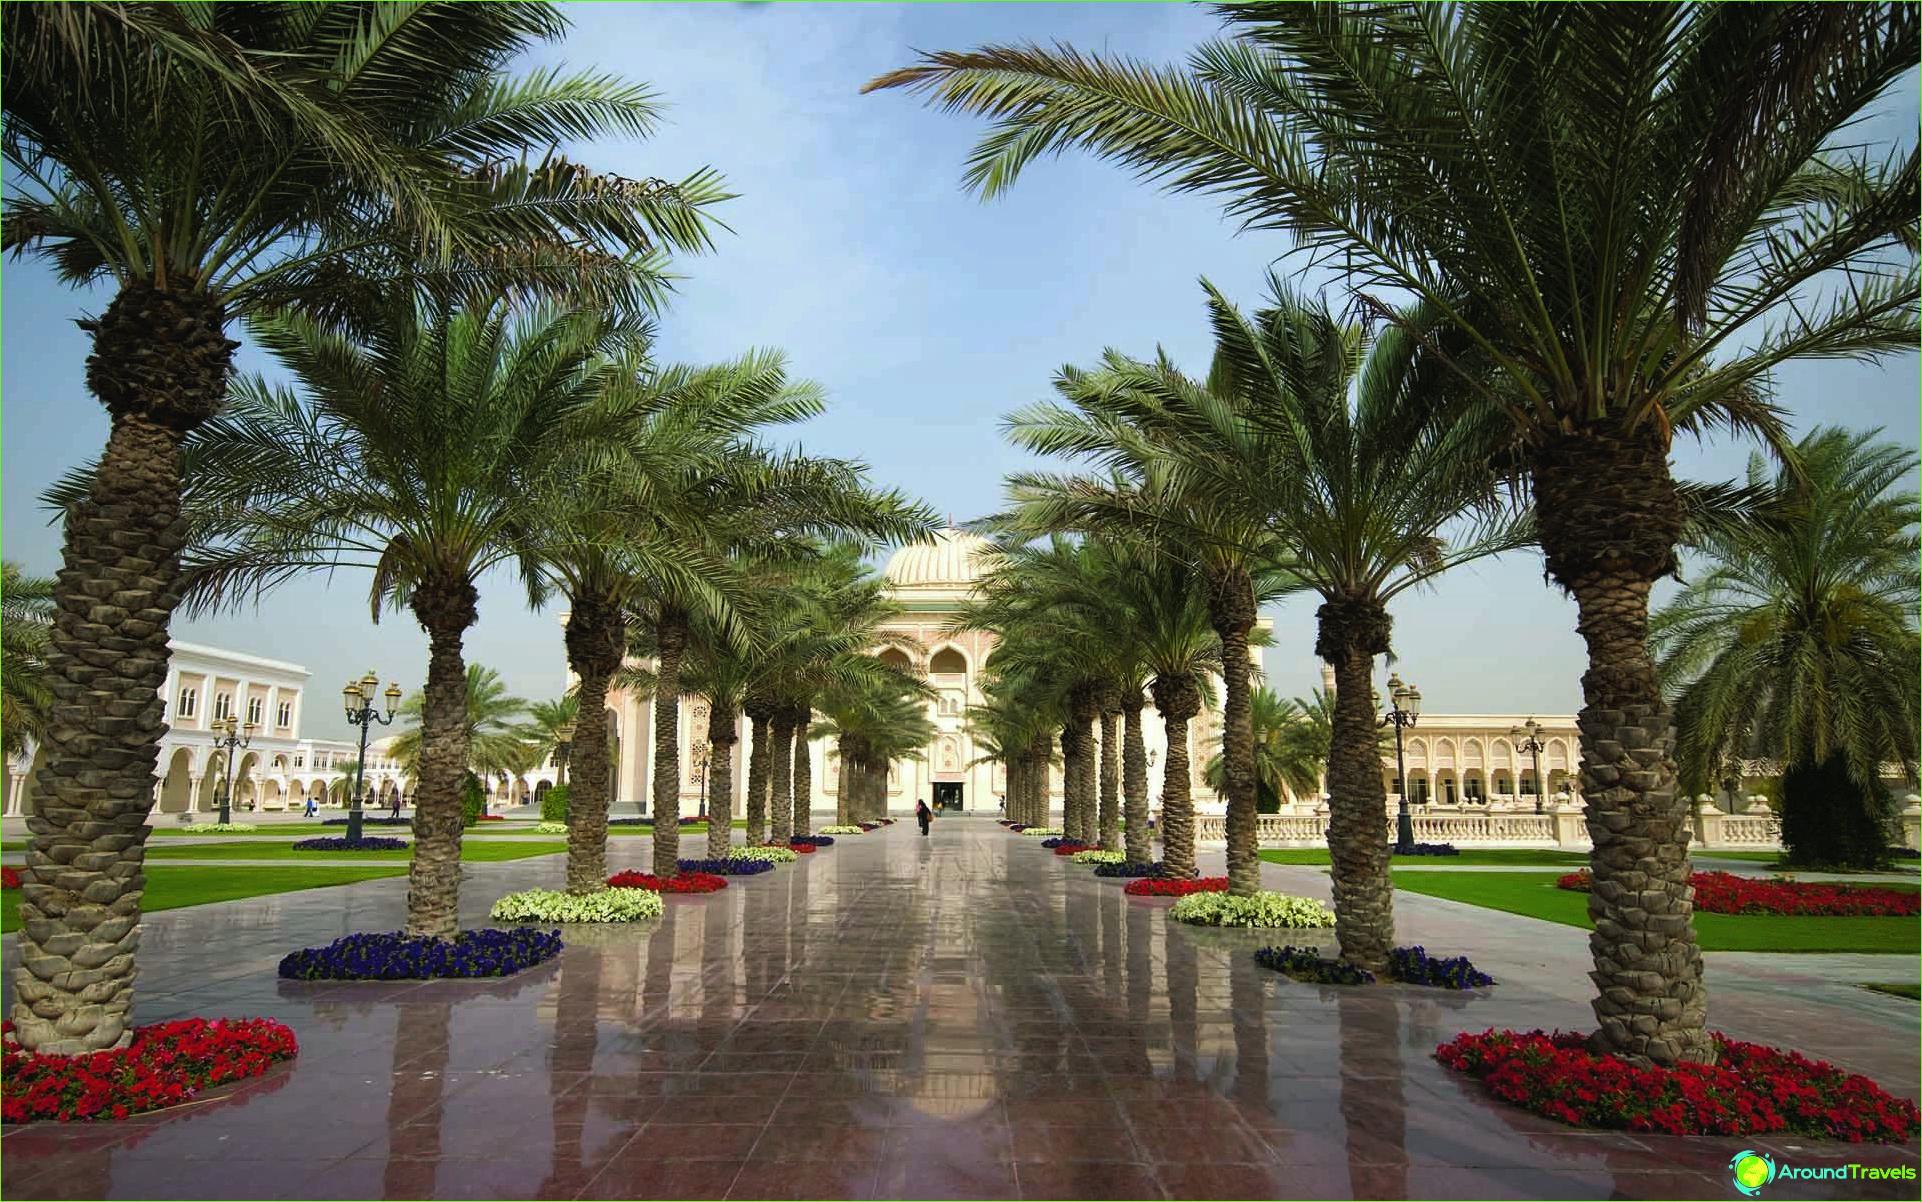 Vakantie in Sharjah